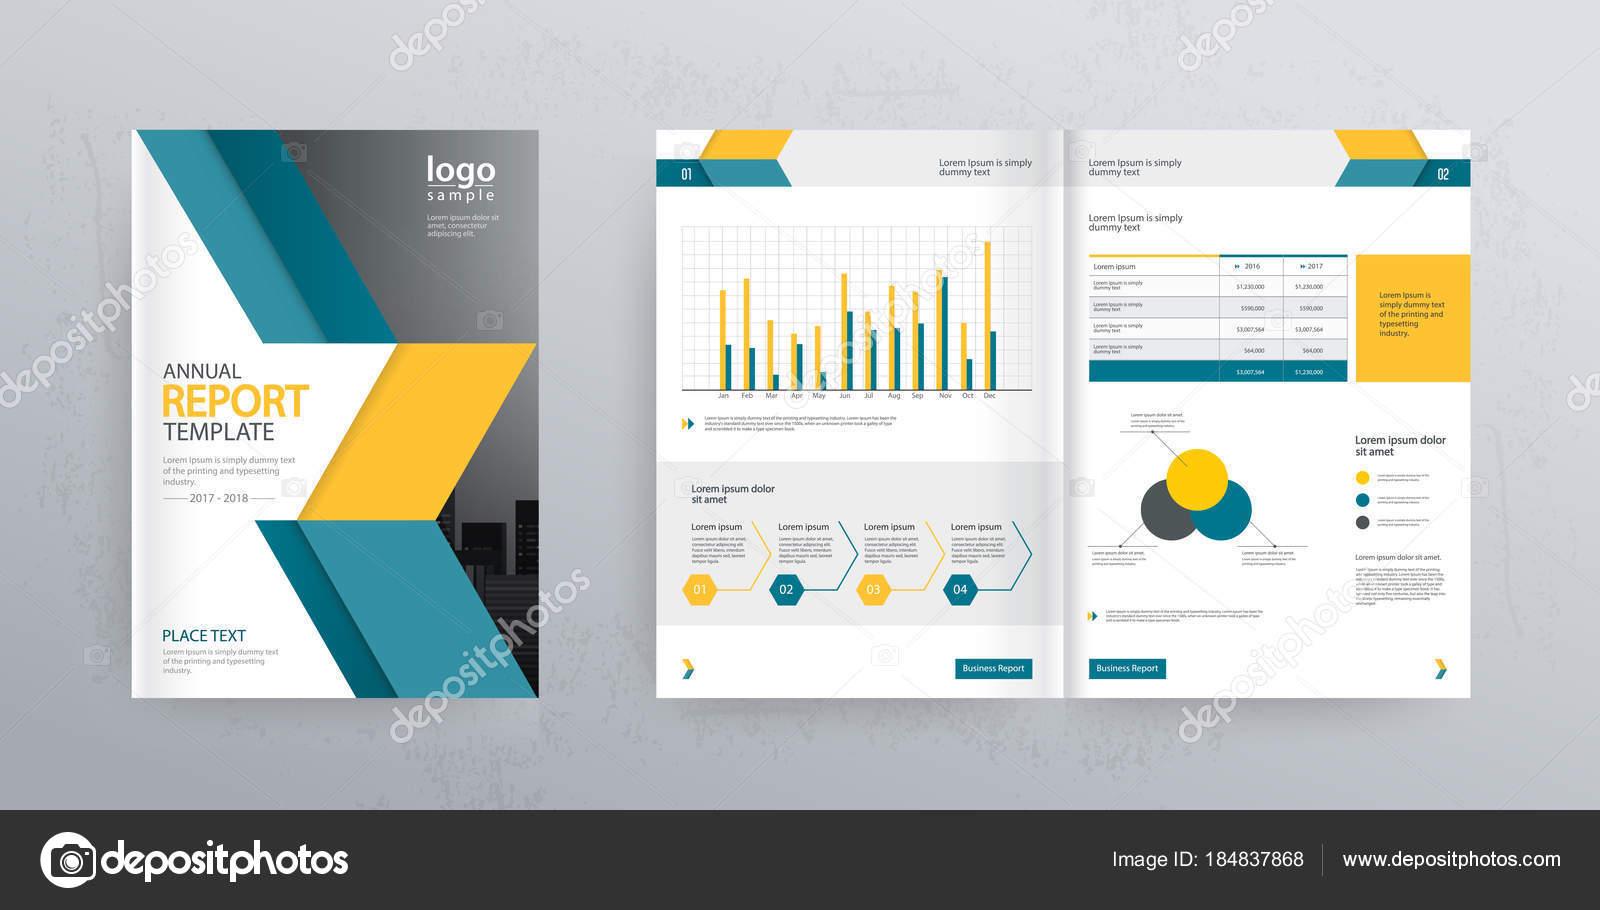 Template Layout Design Mit Deckblatt Für Firmenprofil ...